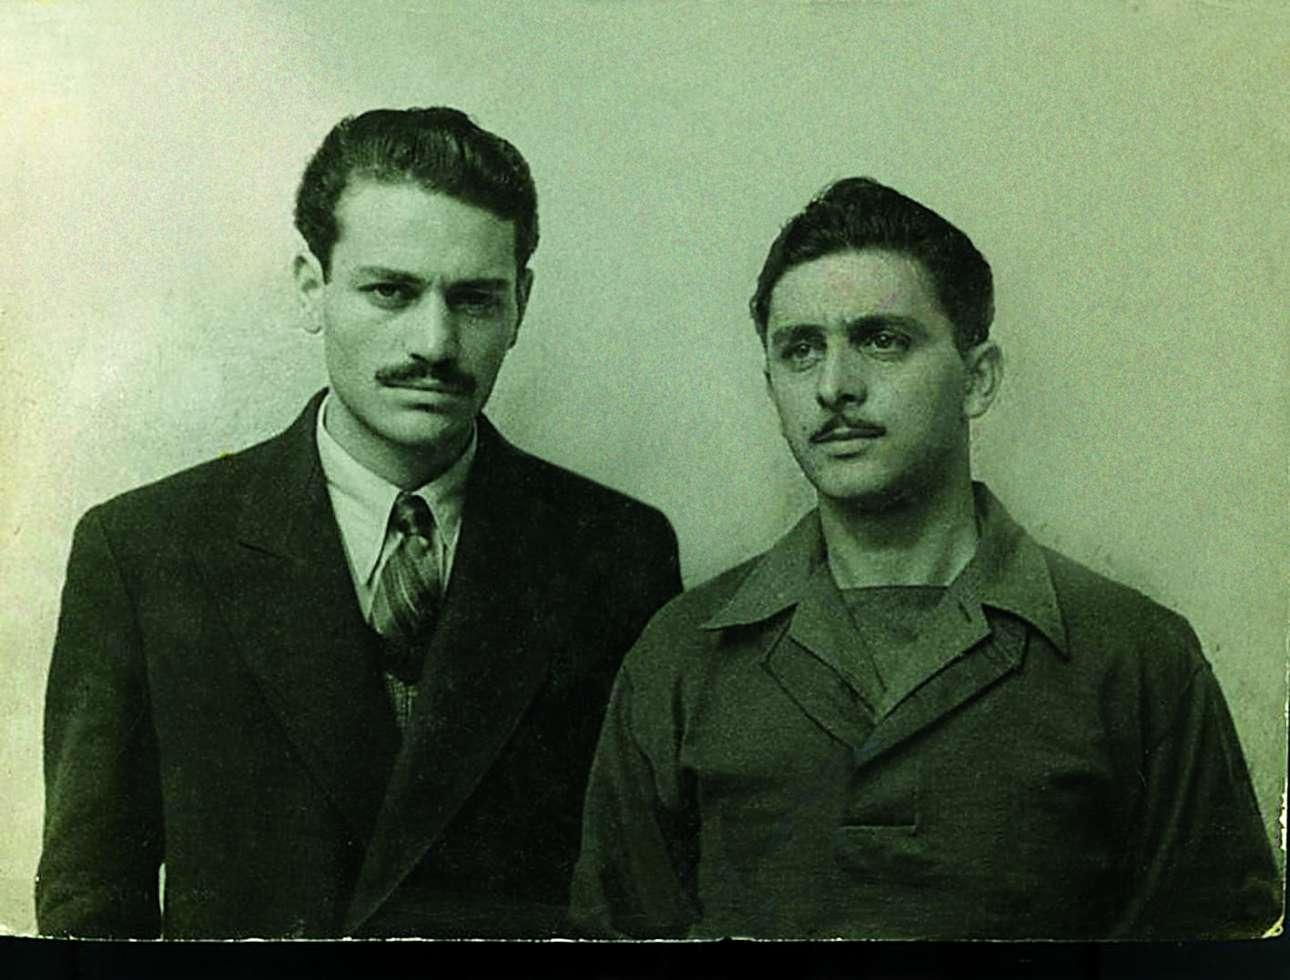 Ο Μανώλης Γλέζος με τον Λάκη Σάντα (δεξιά). Τη νύχτα της 30ής προς την 31η Μαΐου του 1941, φοιτητές τότε, έκαναν την πρώτη πράξη αντίστασης στον κατακτητή, κατεβάζοντας τη χιτλερική σημαία από την Ακρόπολη